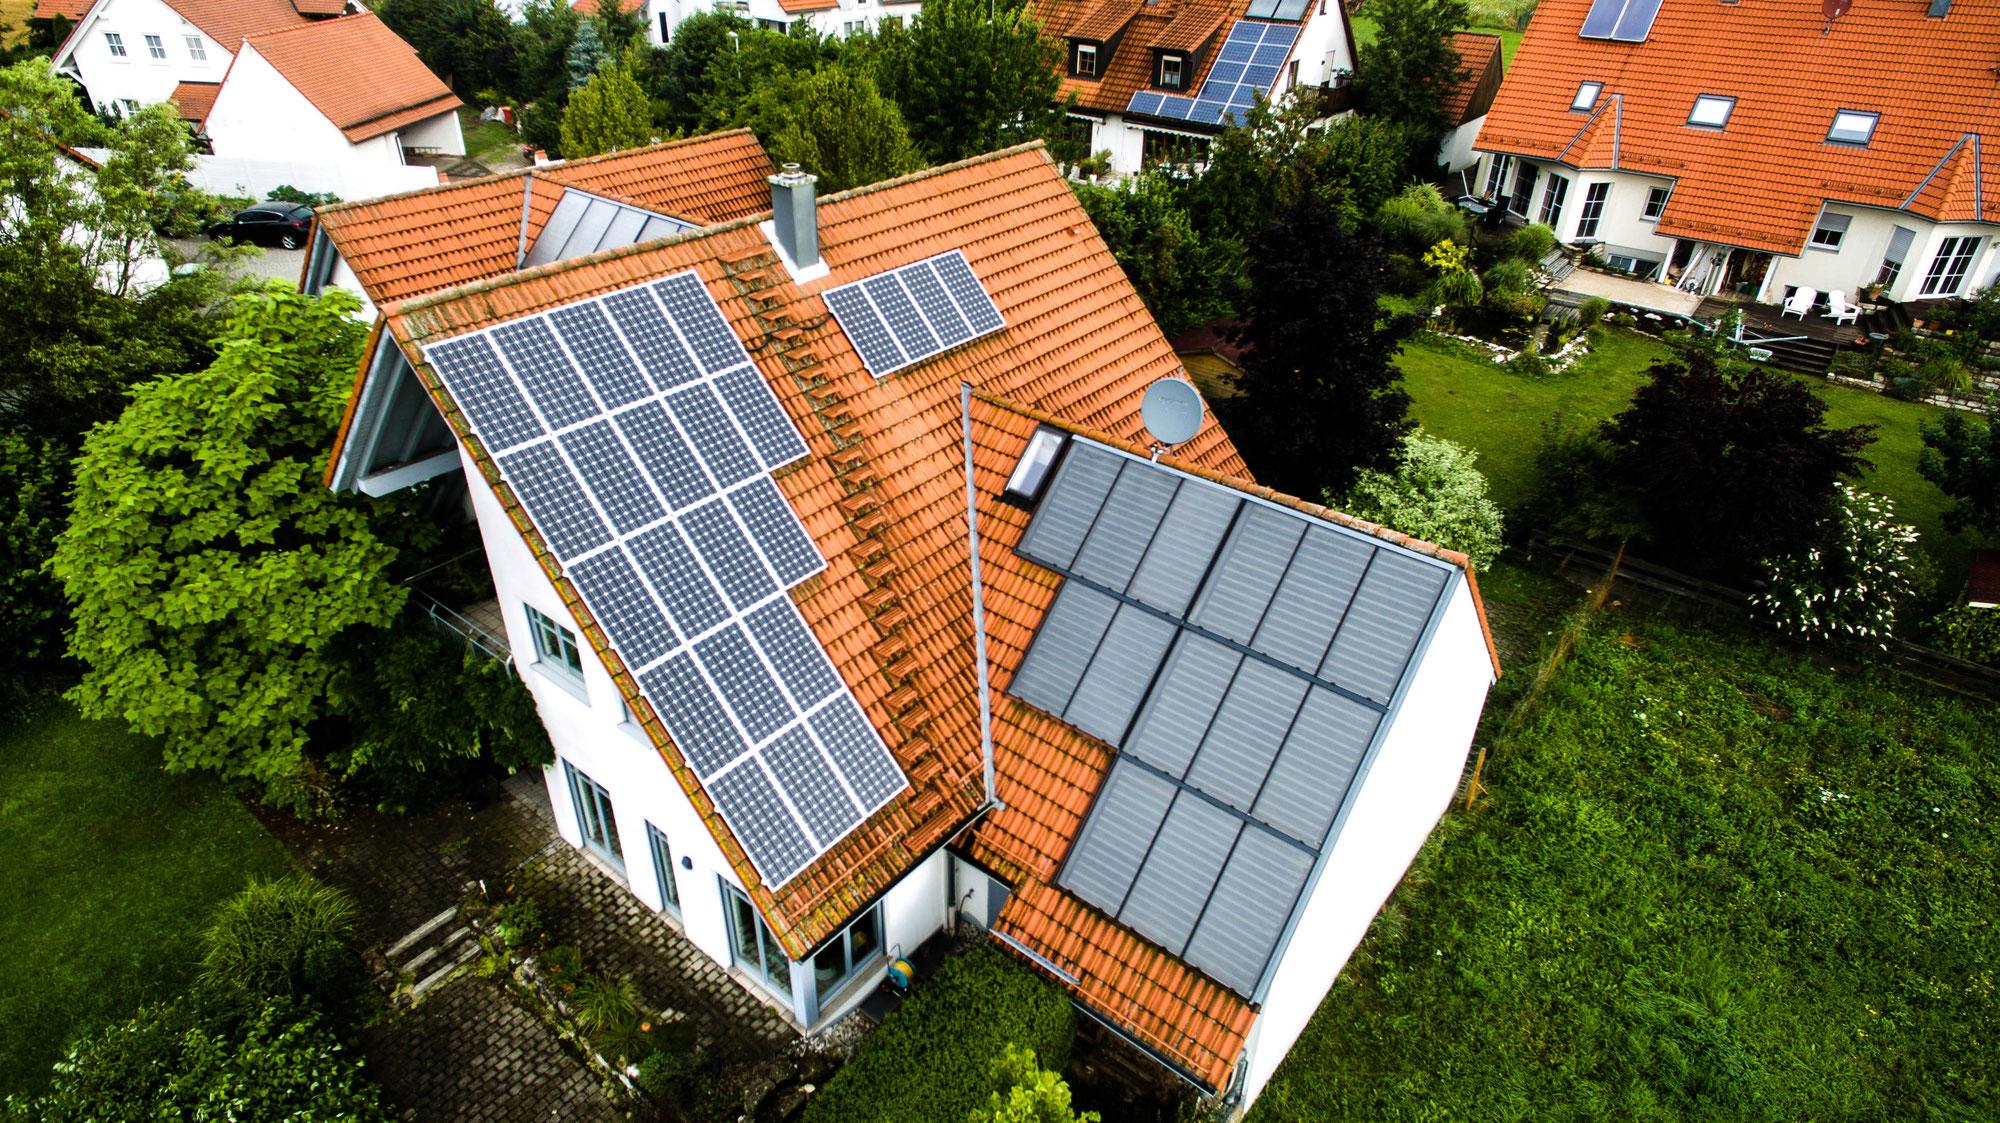 Solaranlage kaufen - in Neunkirchen am Sand